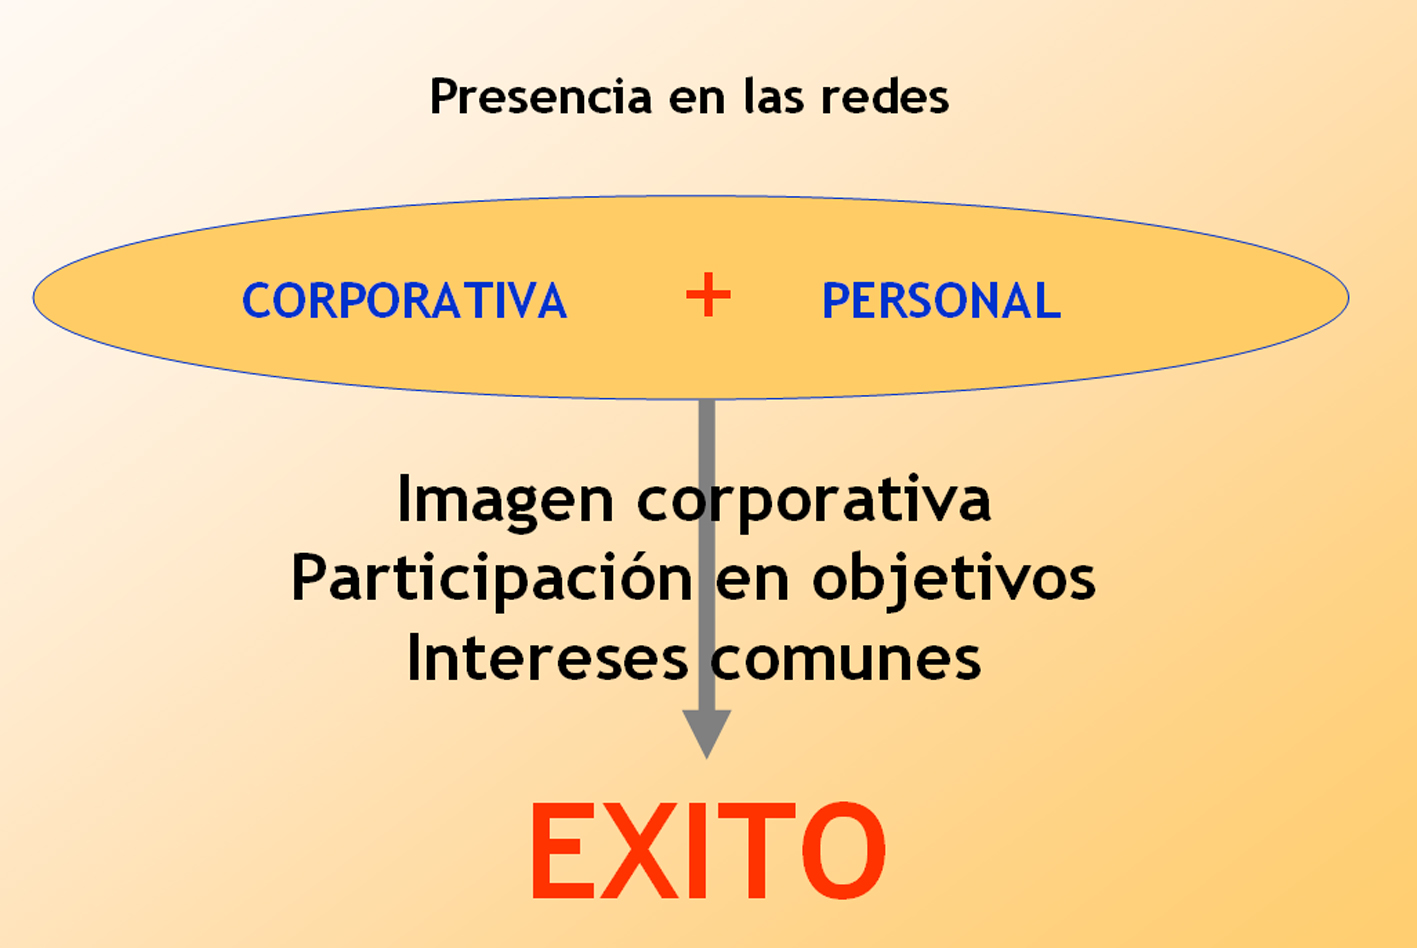 Comunicacion corporativa y personal de los socios y abogados